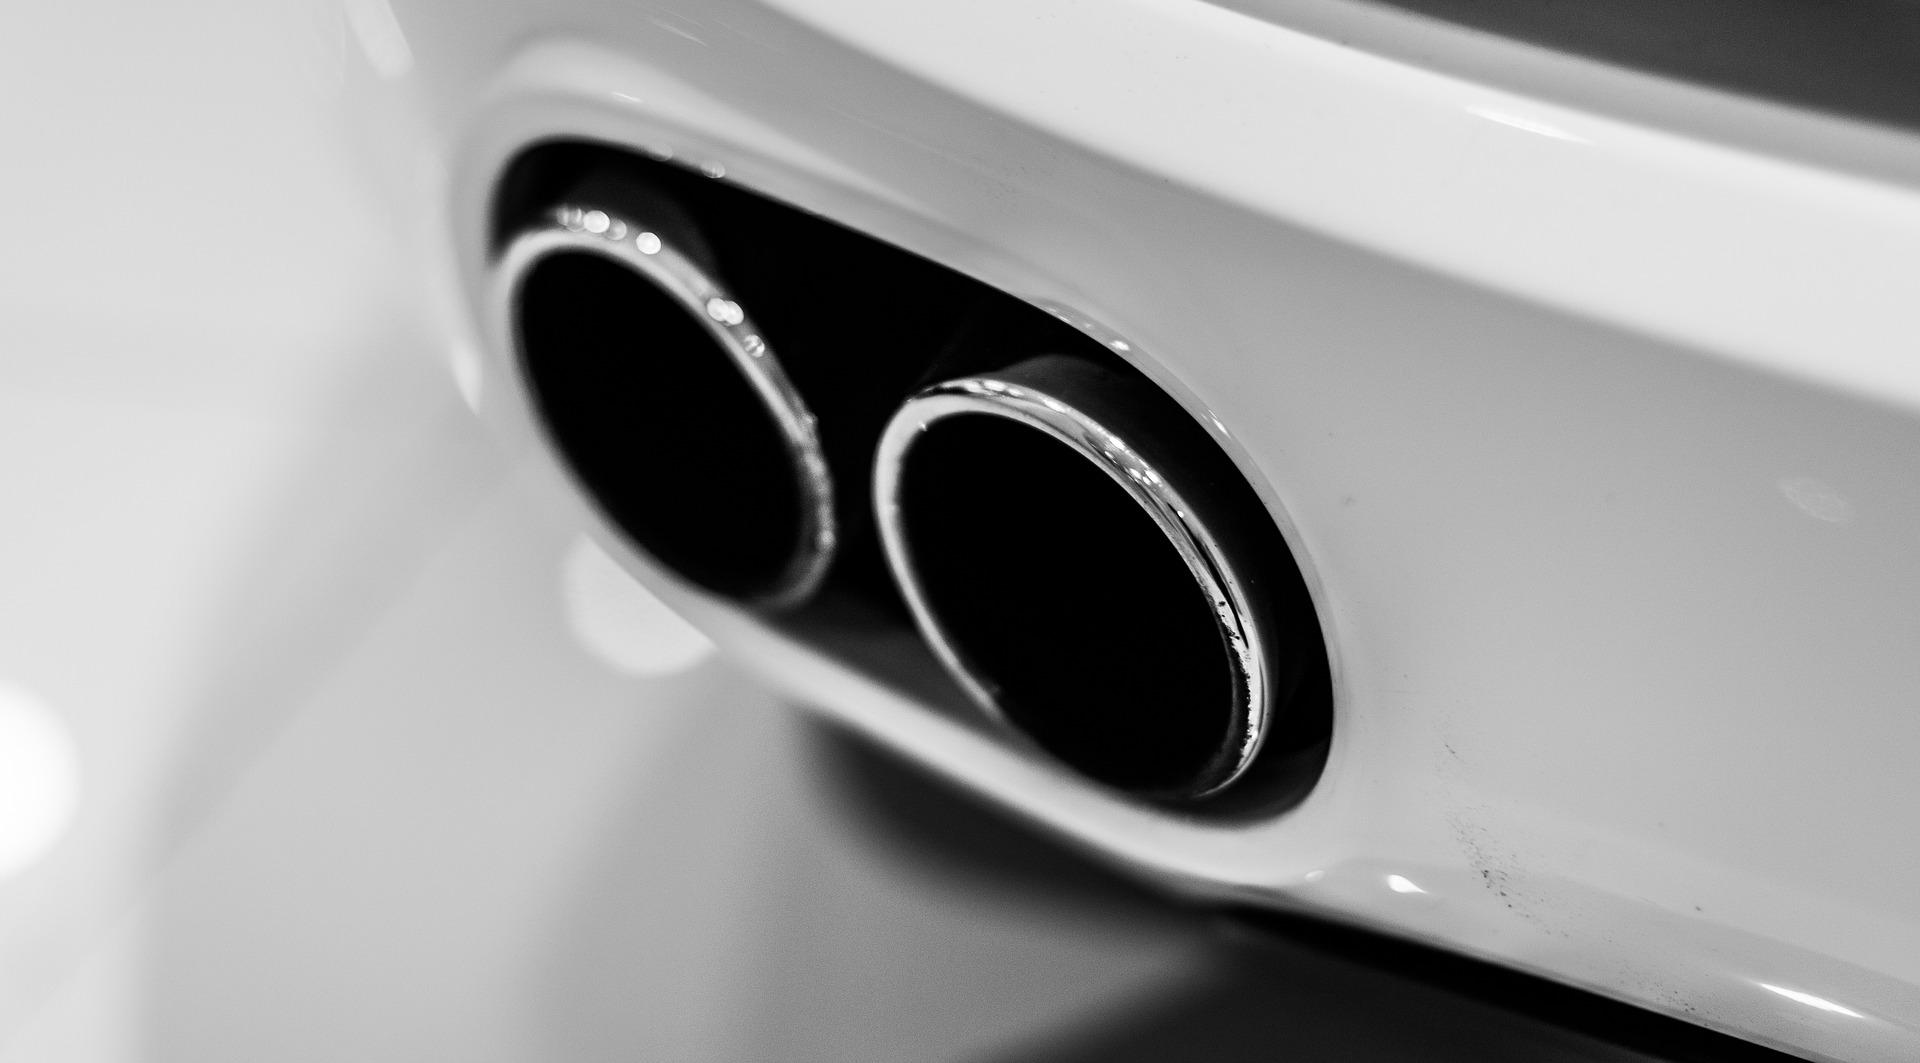 Emisiones Contaminantes Itv